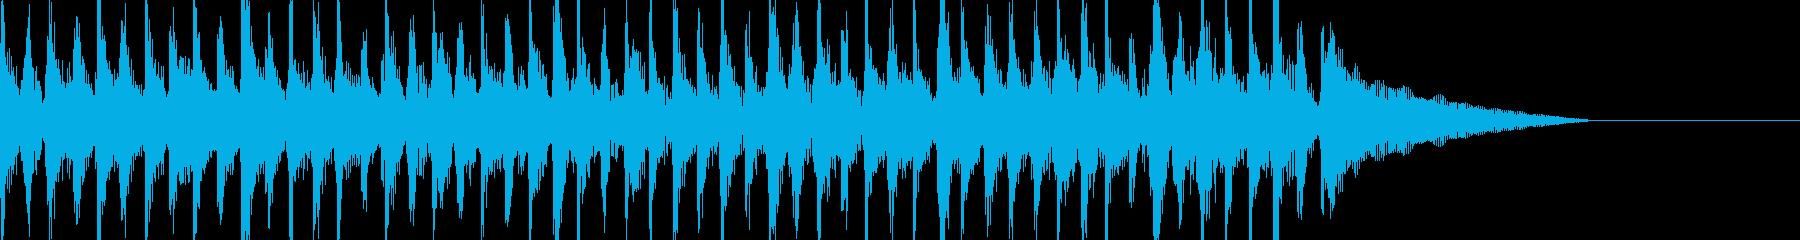 15秒CM、コミカルな動き、シュール映像の再生済みの波形